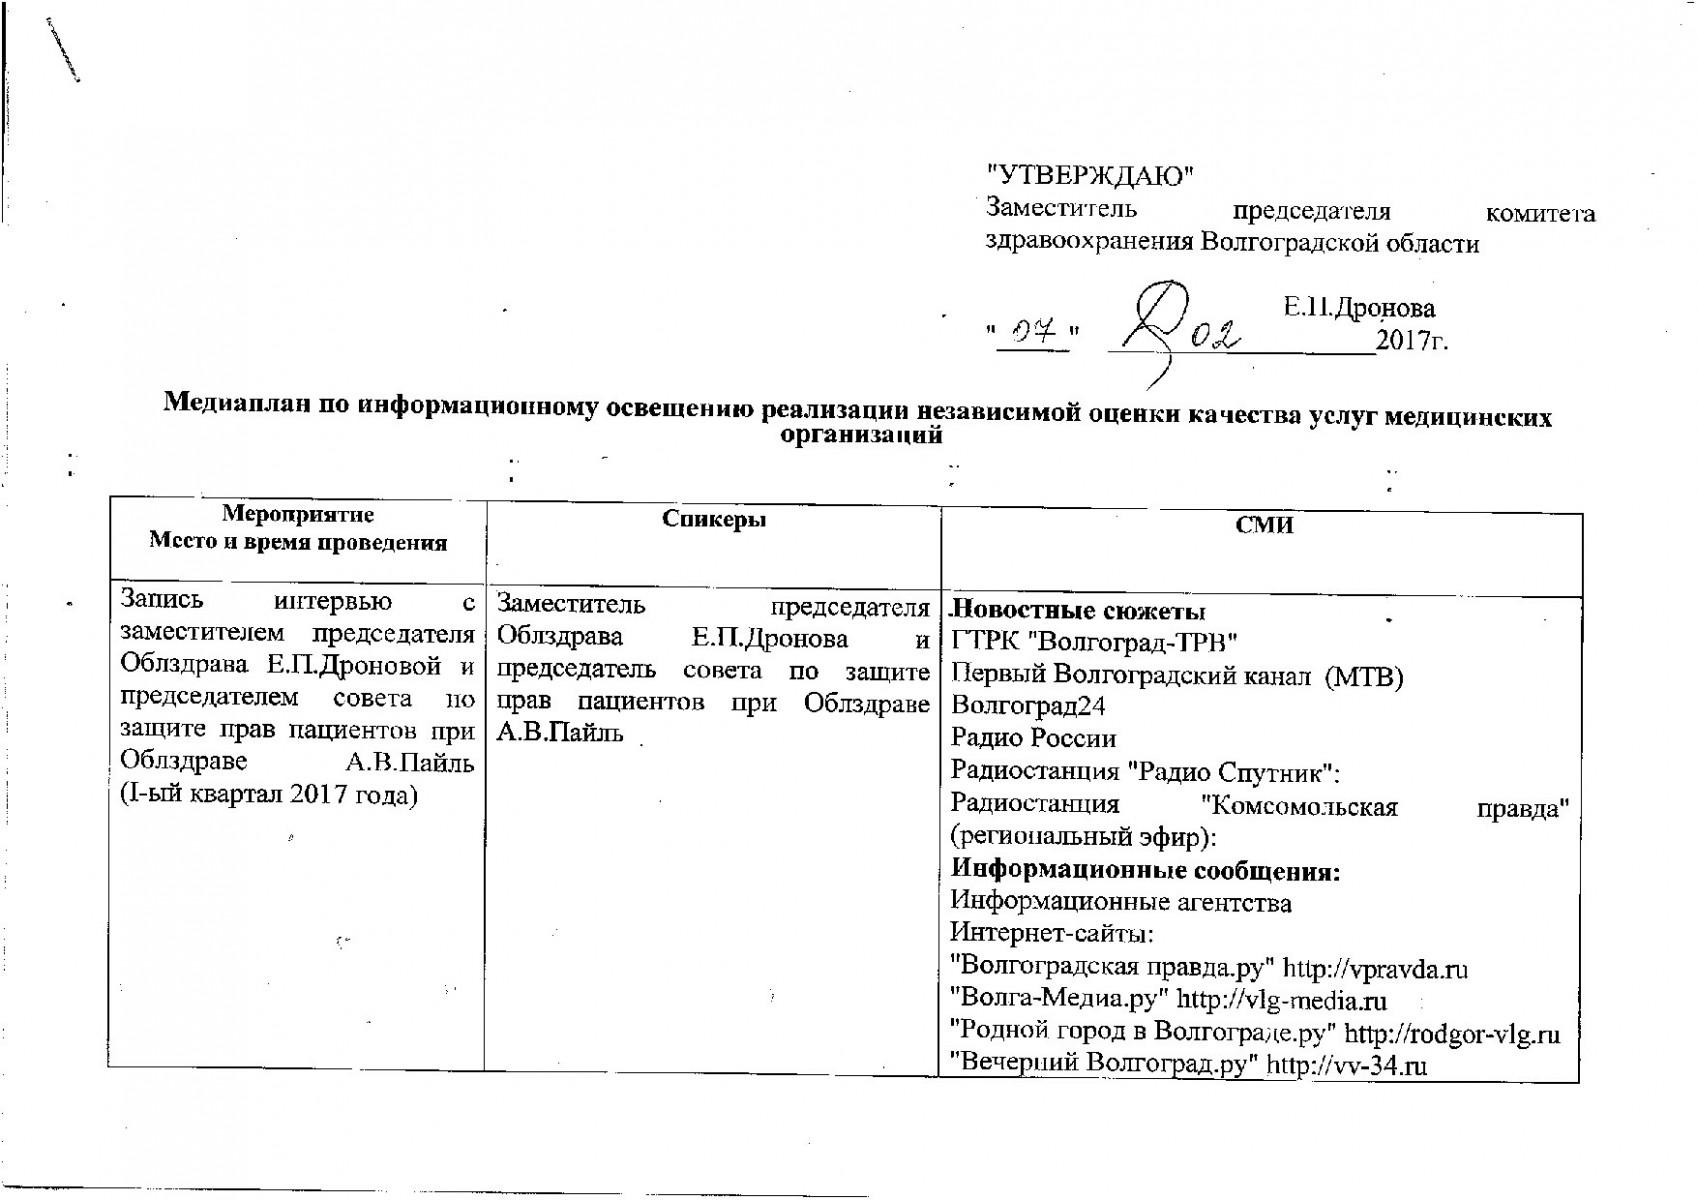 Mediaplan-po-informatsionnomu-osveshcheniyu-001